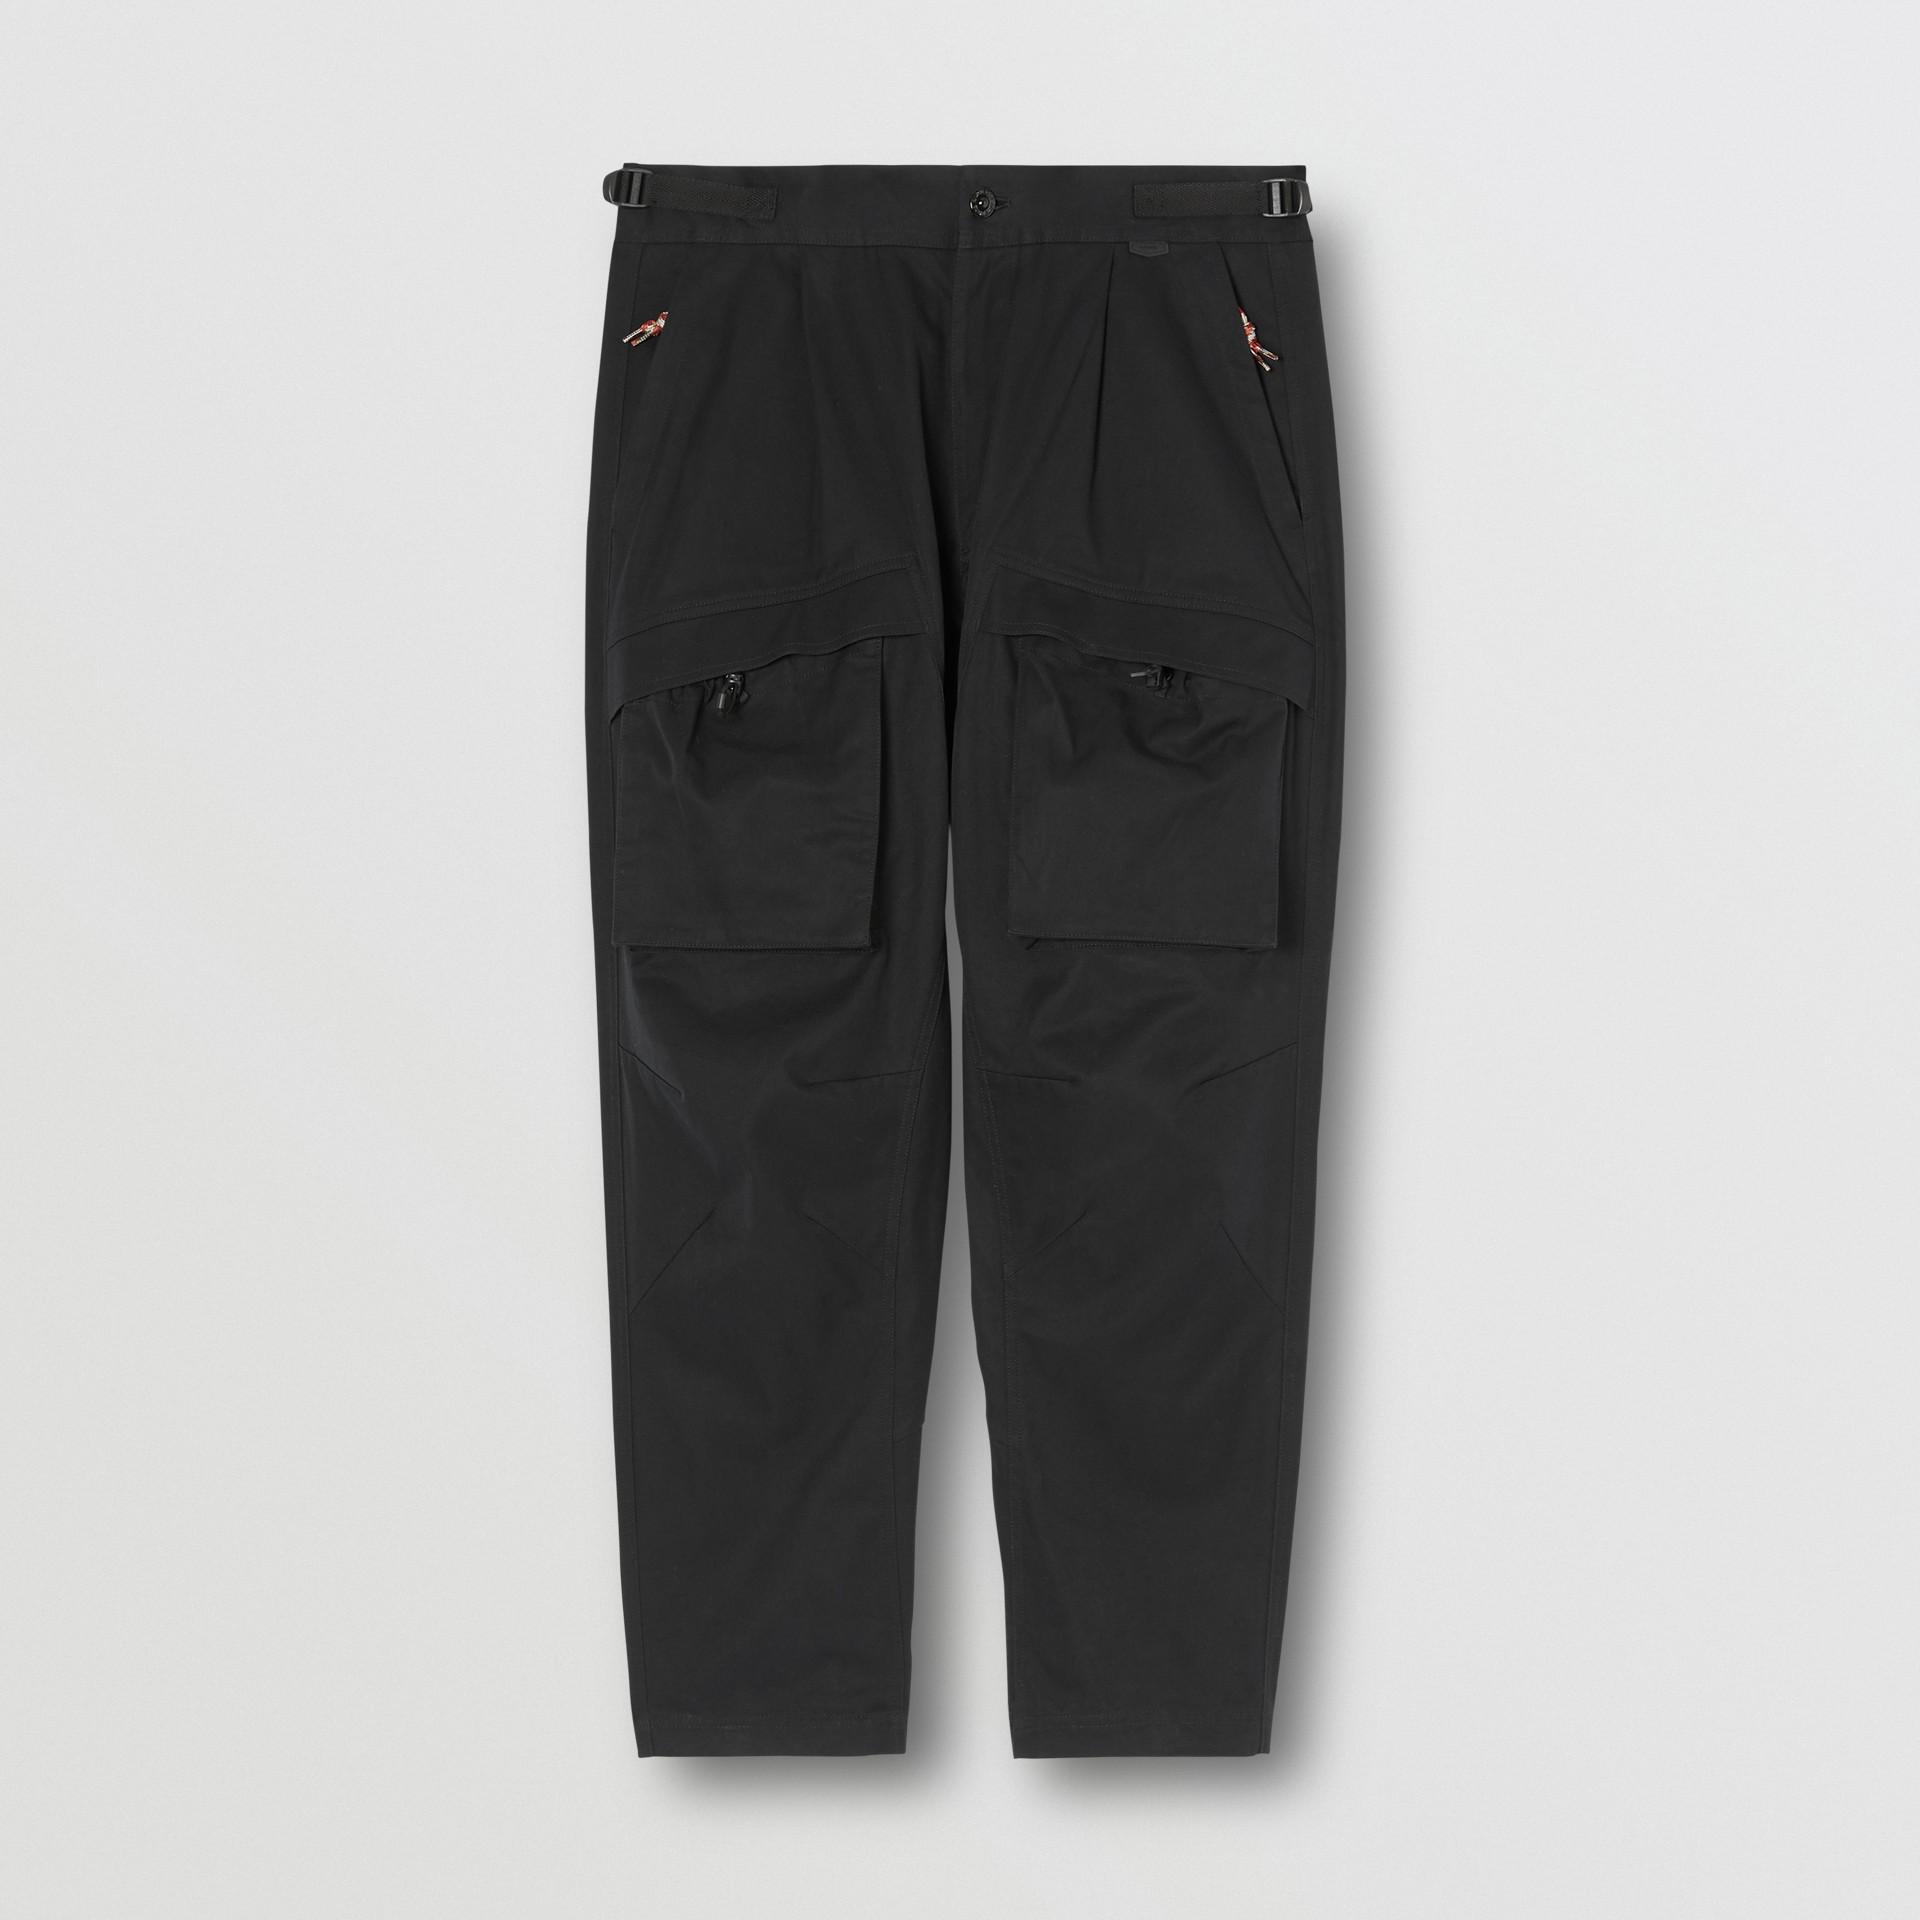 Pantalones tipo cargo en algodón (Negro) - Hombre | Burberry - imagen de la galería 3